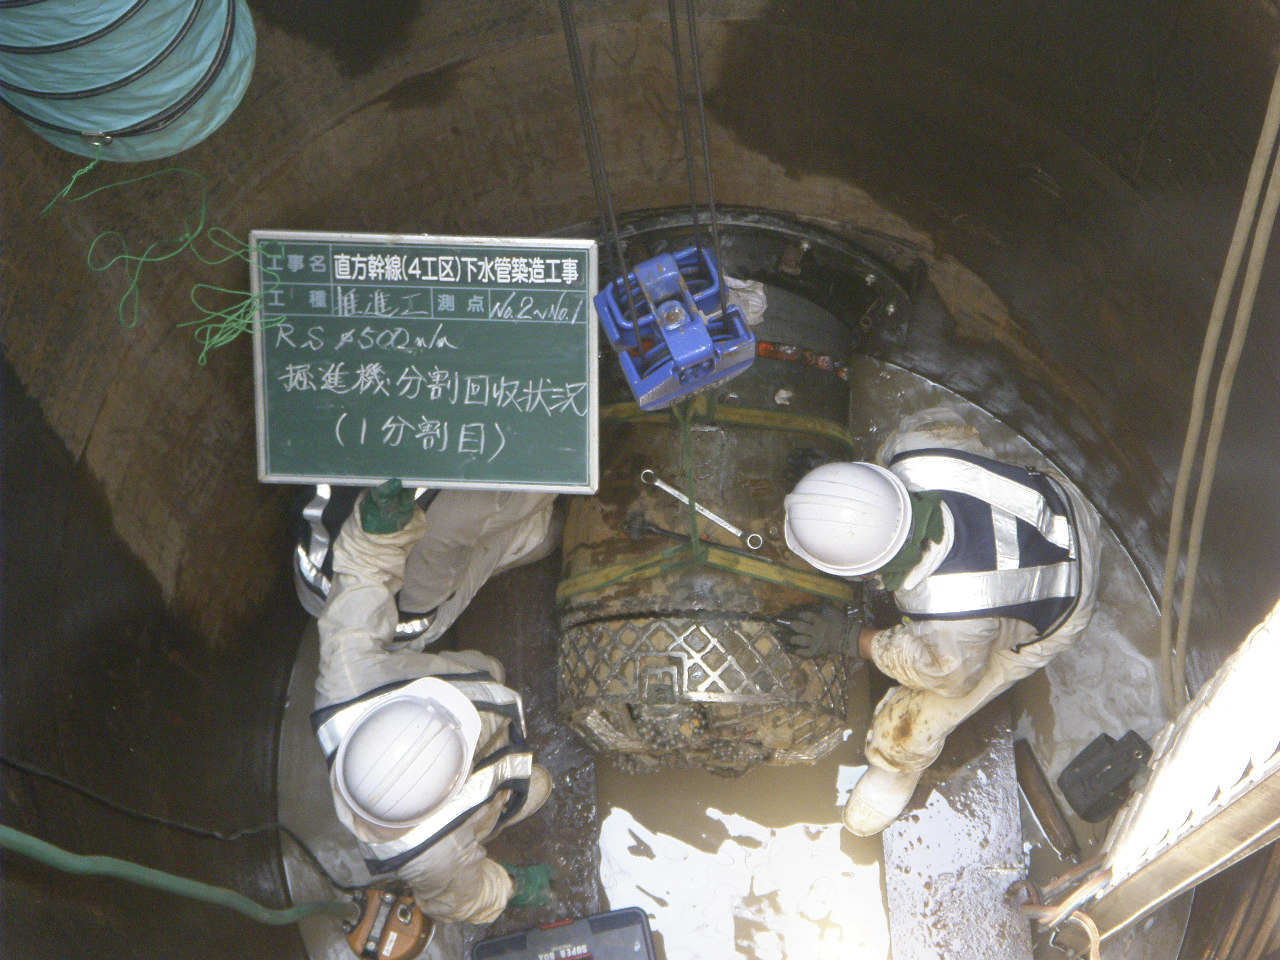 直方幹線(4工区)下水管築造工事